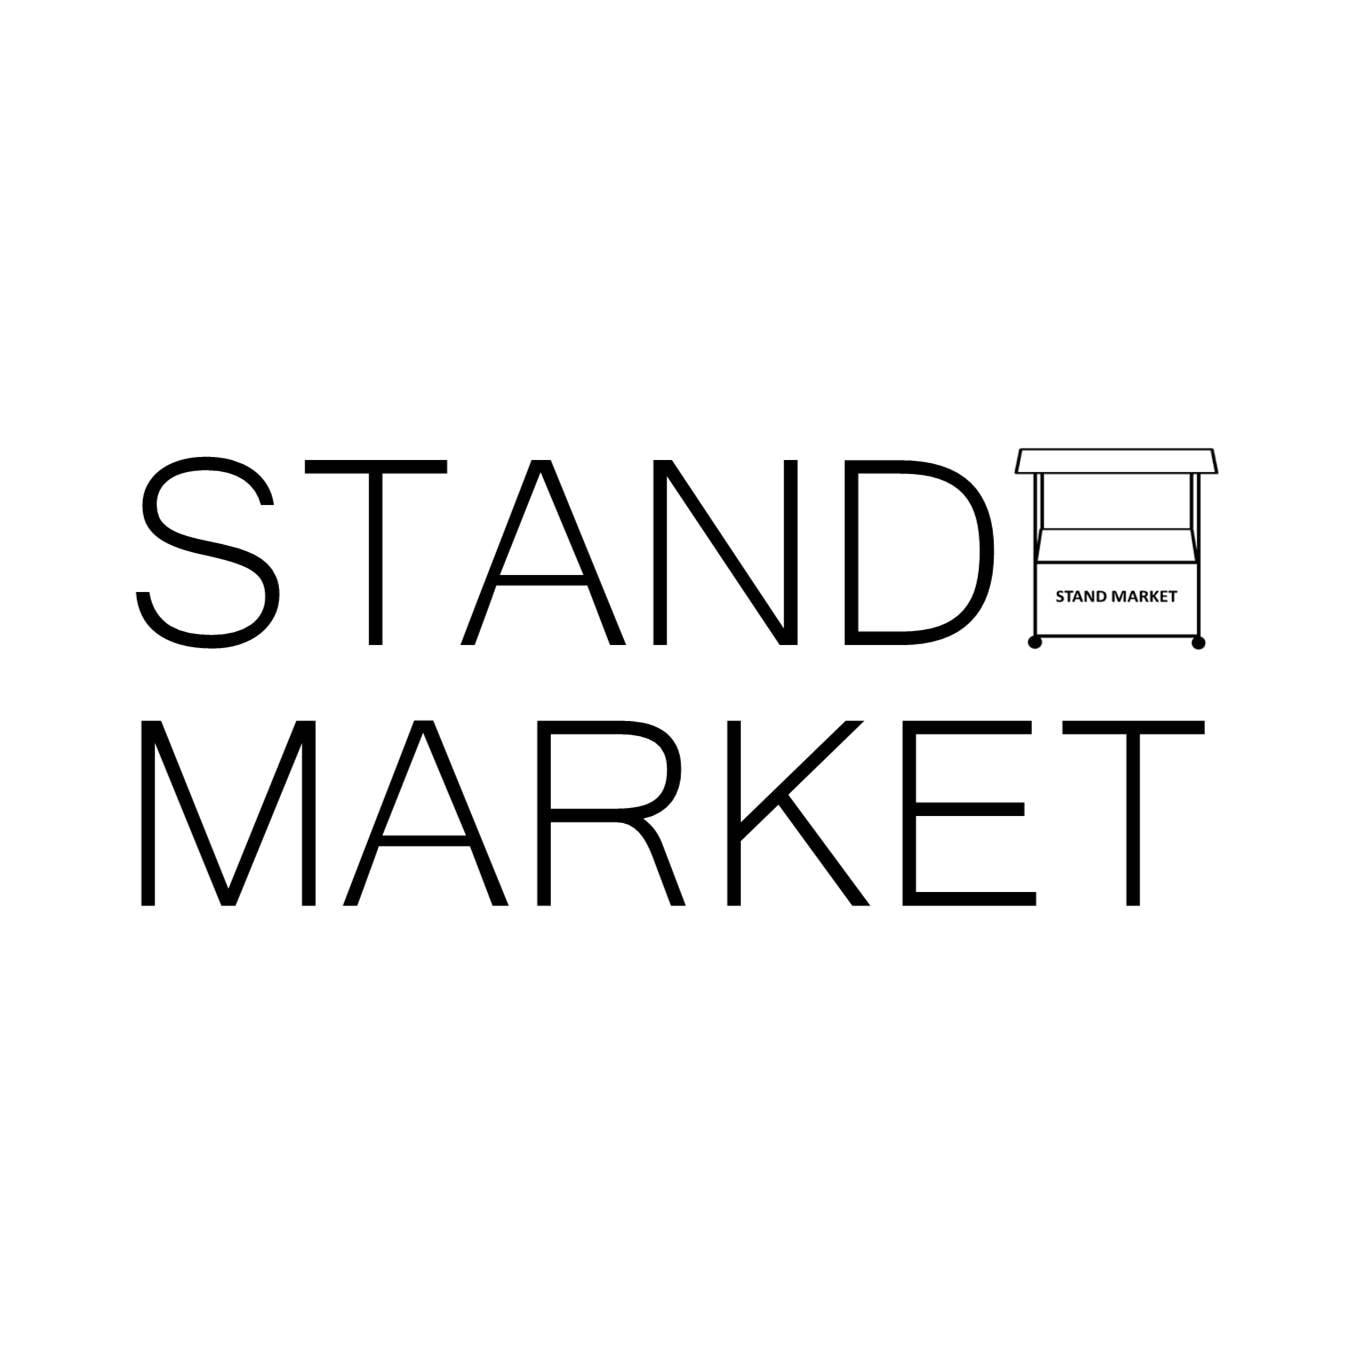 【シエスタハコダテ】STAND MARKETにドニワ部がやってきます